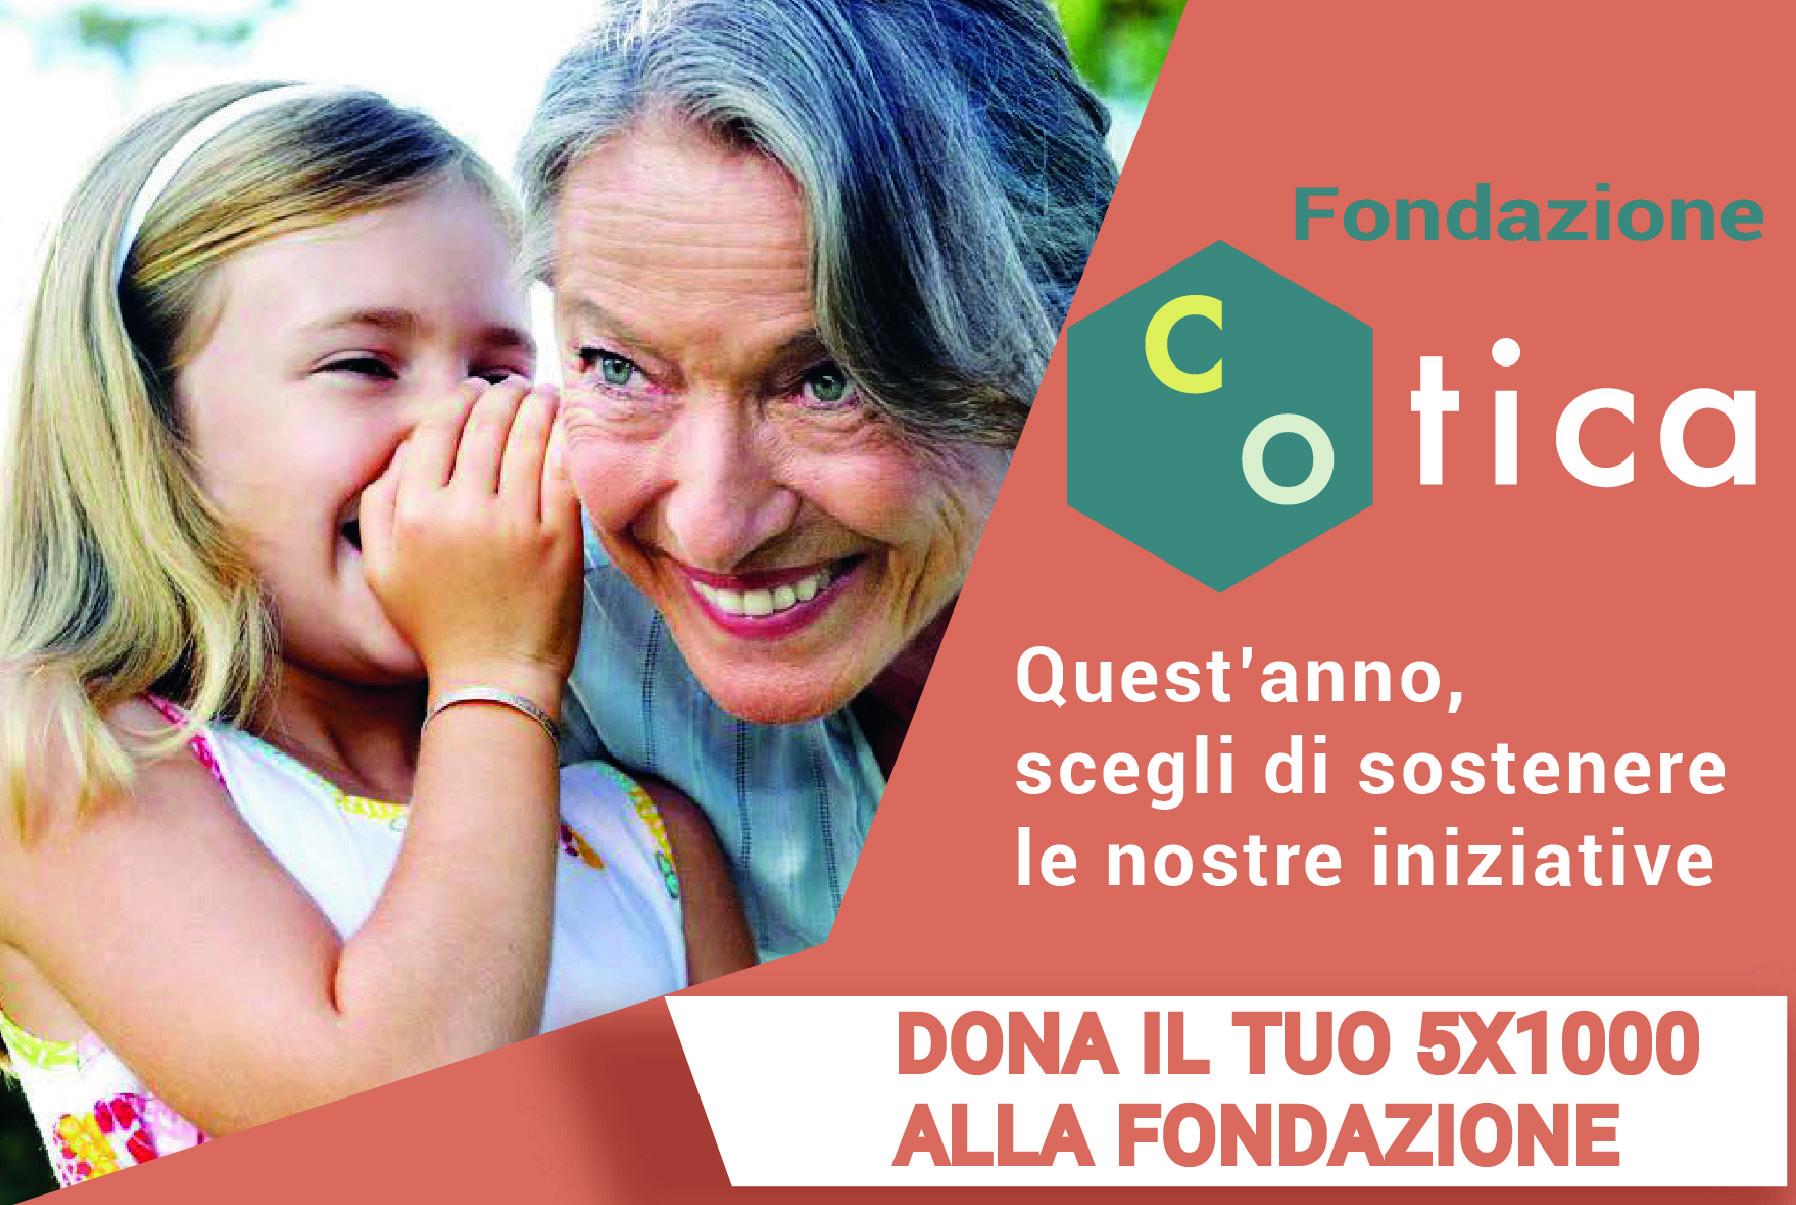 Dona il tuo 5x1000 alla Fondazione Cotica!